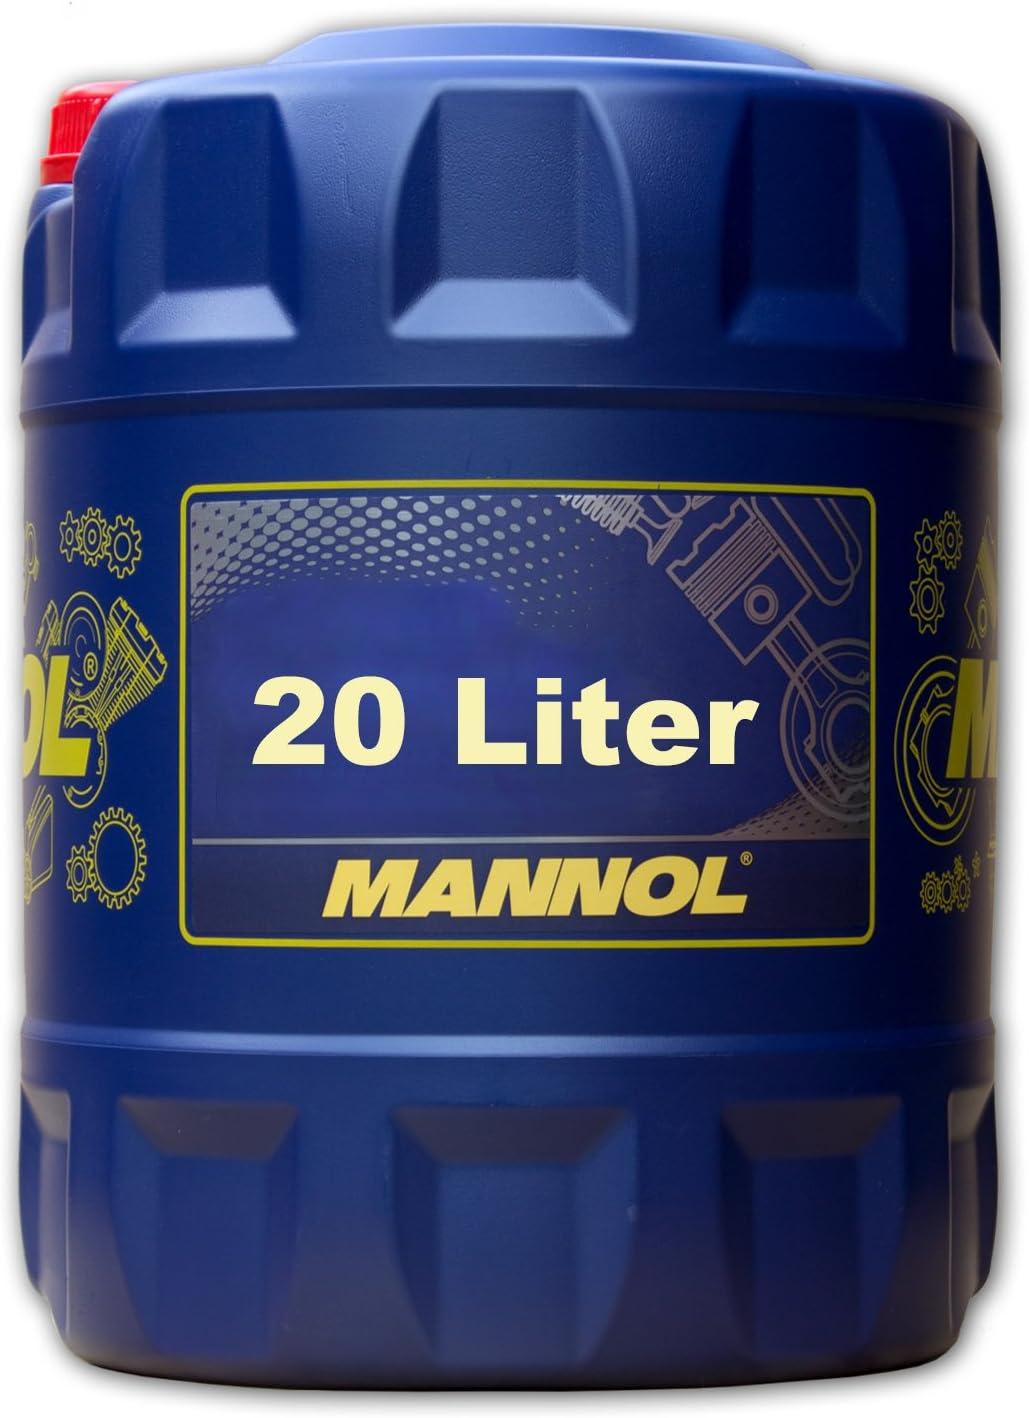 20 Liter Mannol Hydro Hv Iso 46 Hvlp 46 Hydrauliköl Din 51524 3 Auto